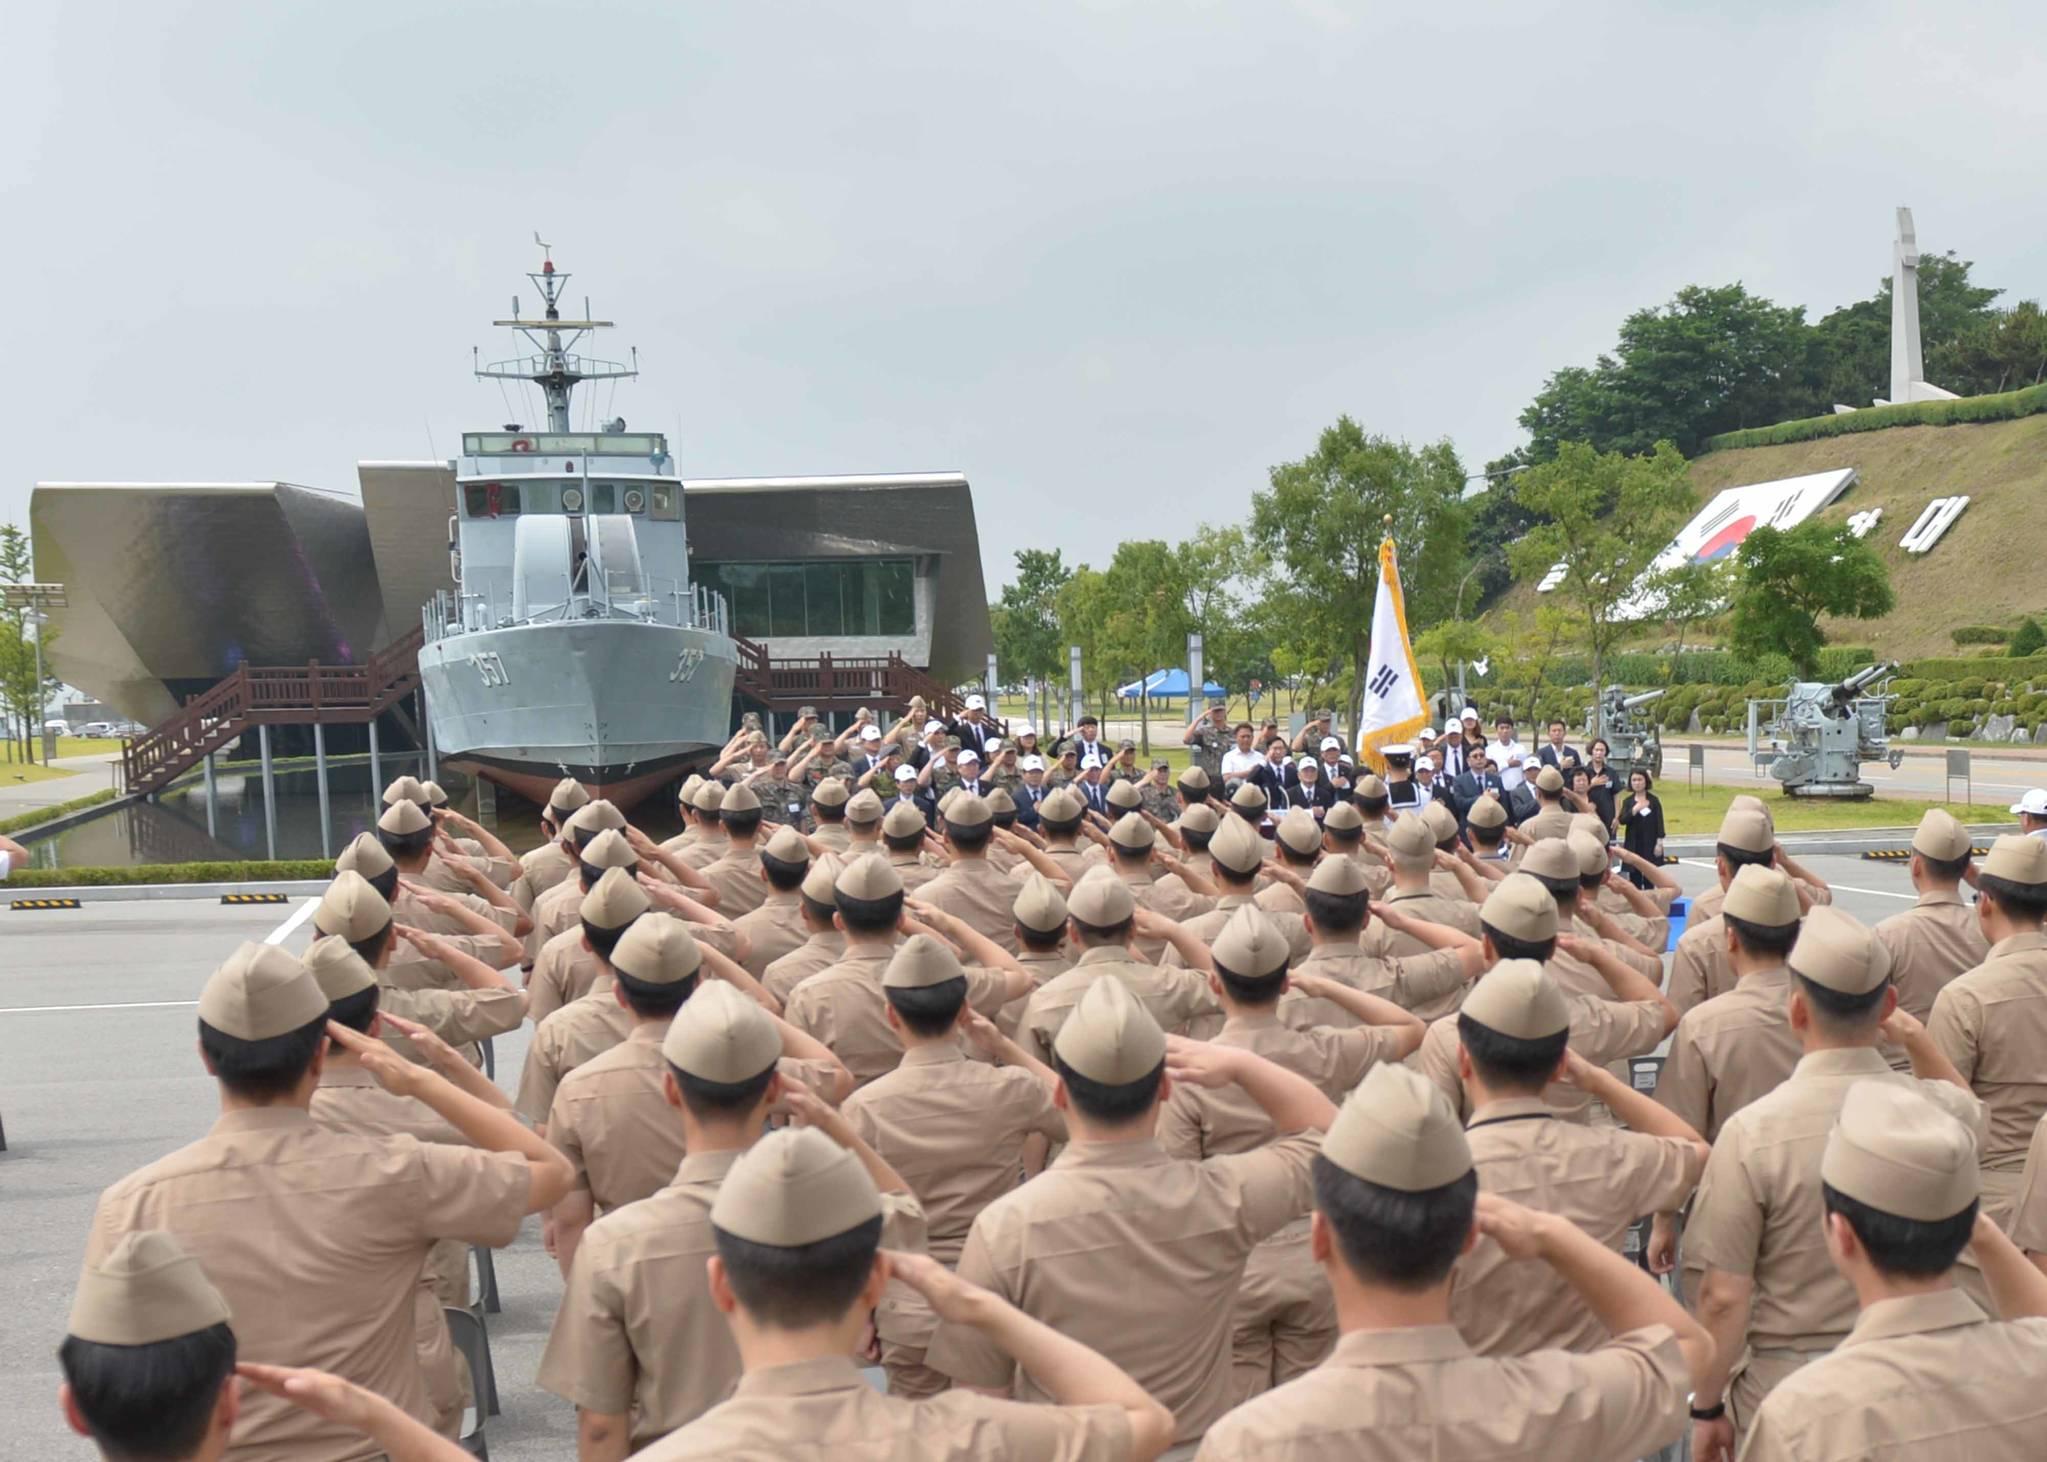 해군 2함대사령부는 지난달 29일 오전 경기도 평택시 서해수호관에서 '제2연평해전 16주년 기념식'을 열었다. [사진 해군 2함대사령부]